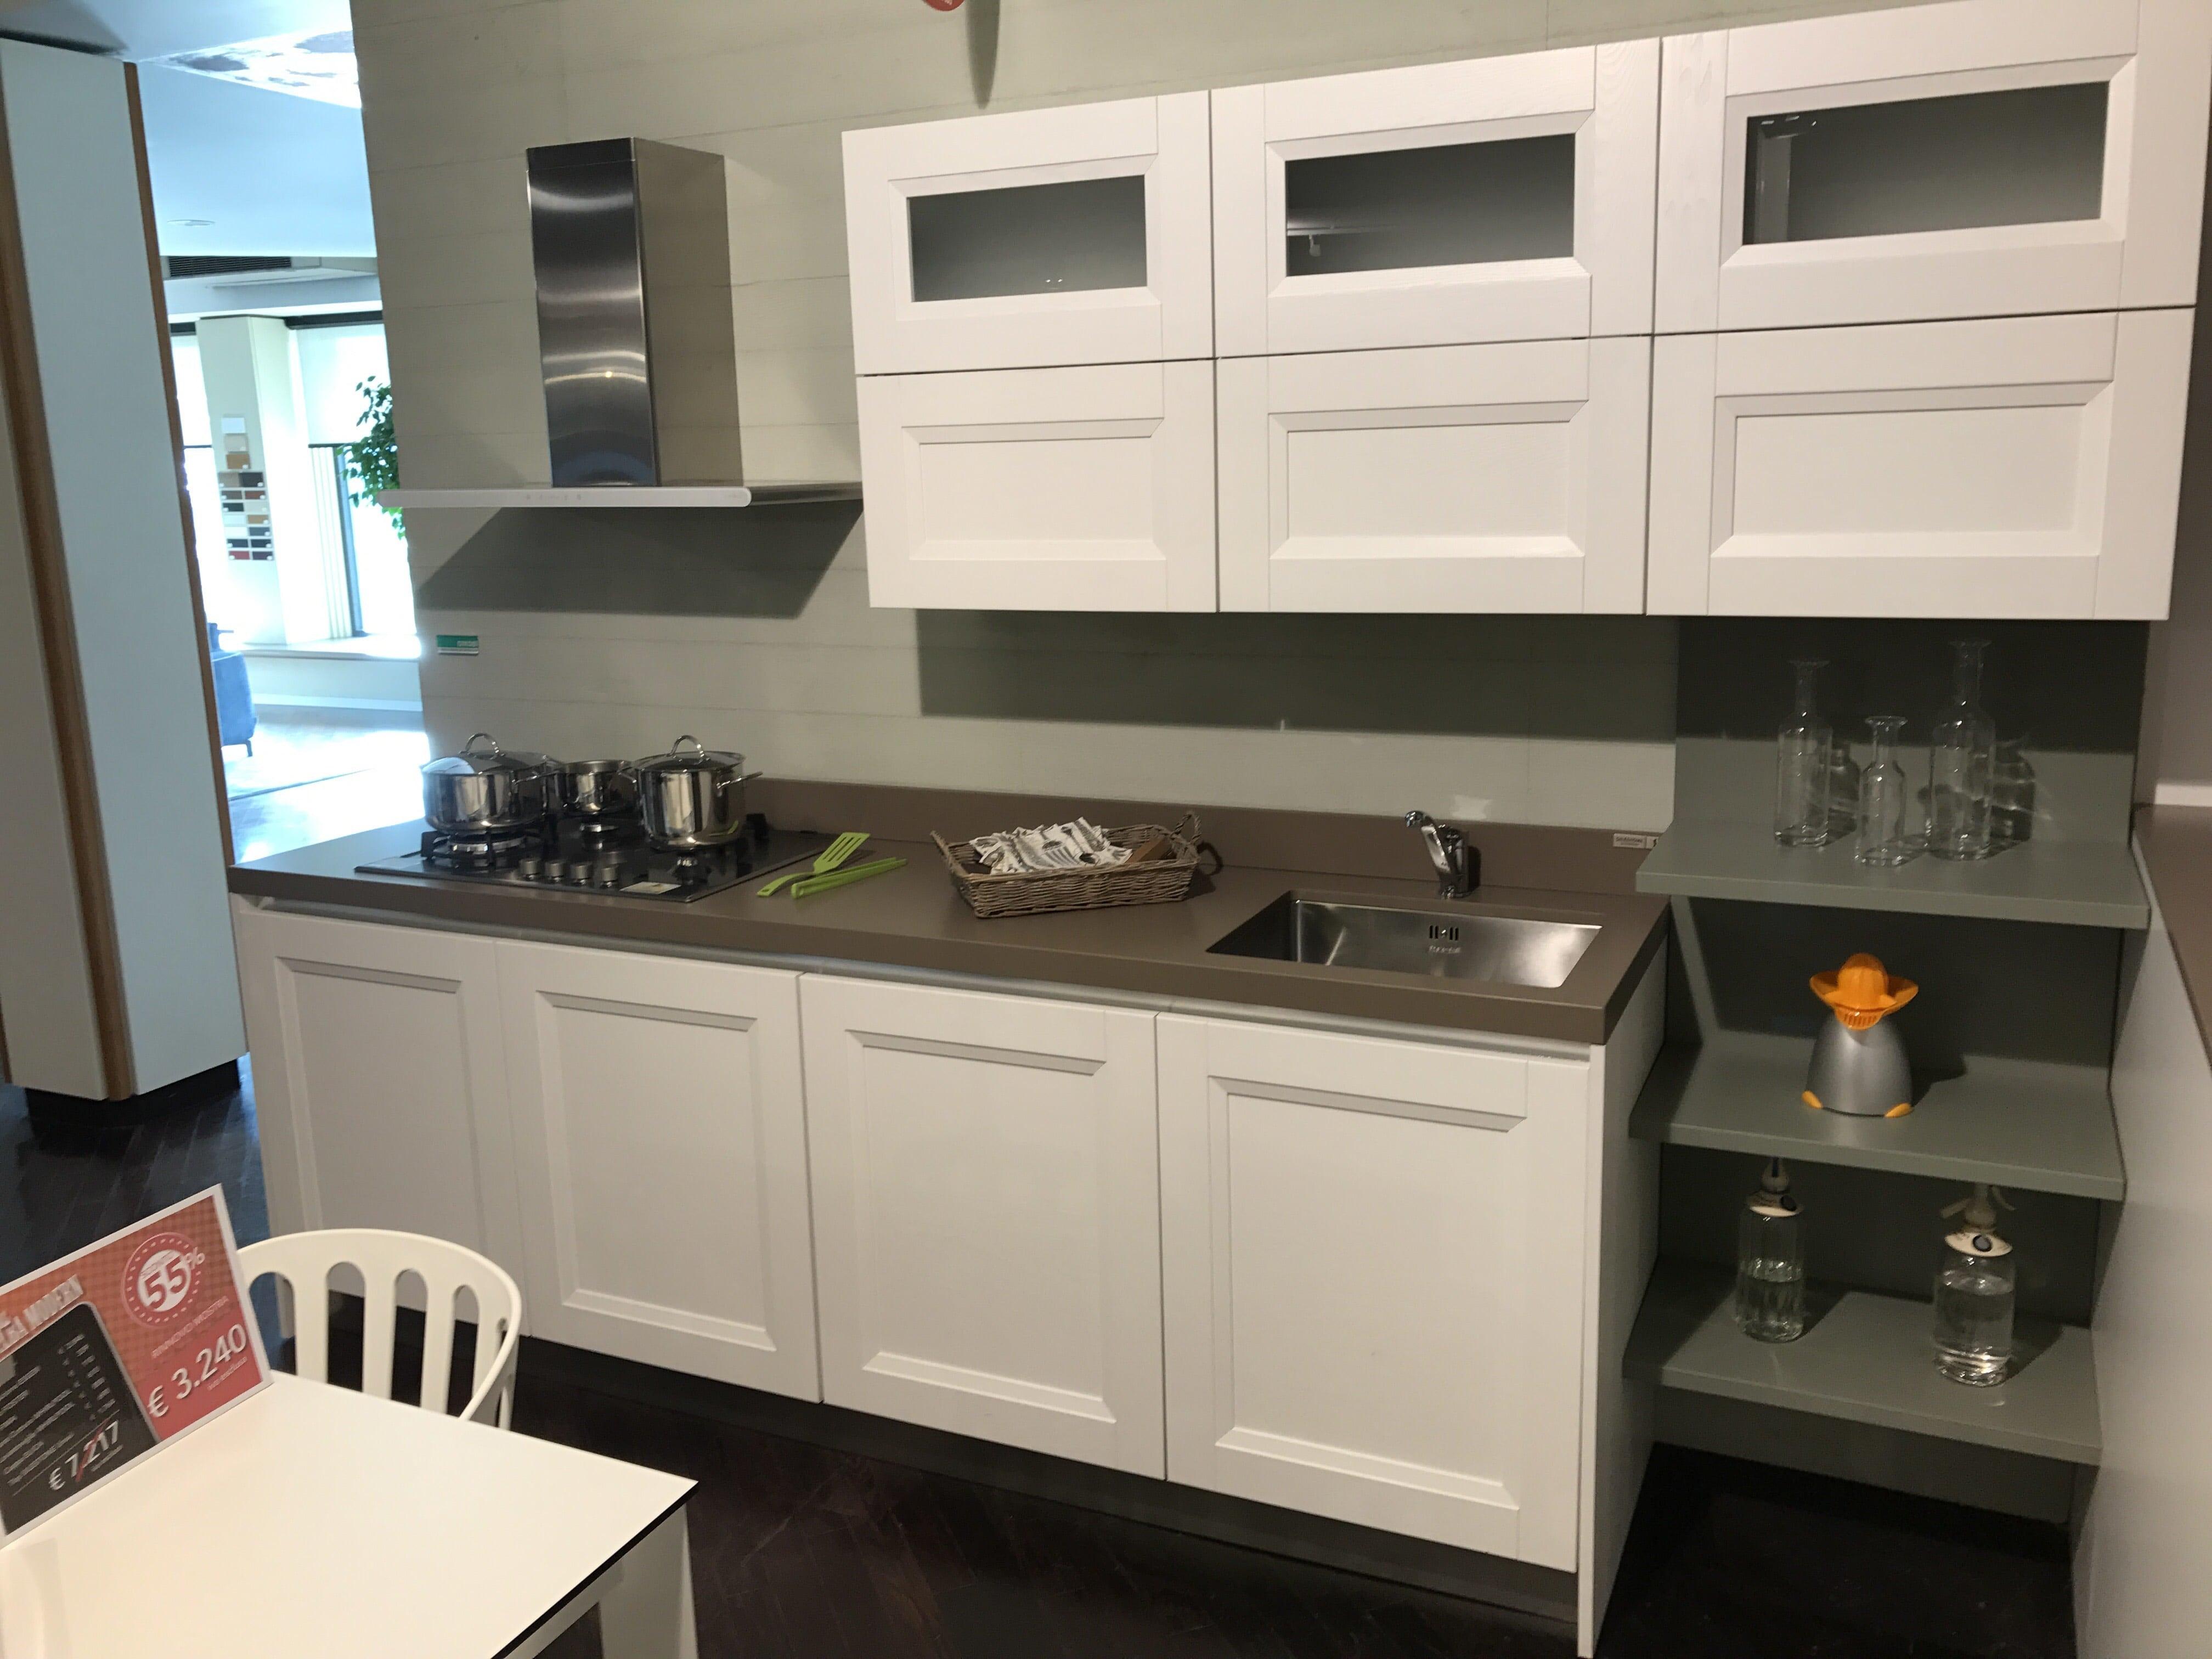 Cucina modello alba essebi cucine laccata bianca sconto 55 - Cucine essebi prezzi ...